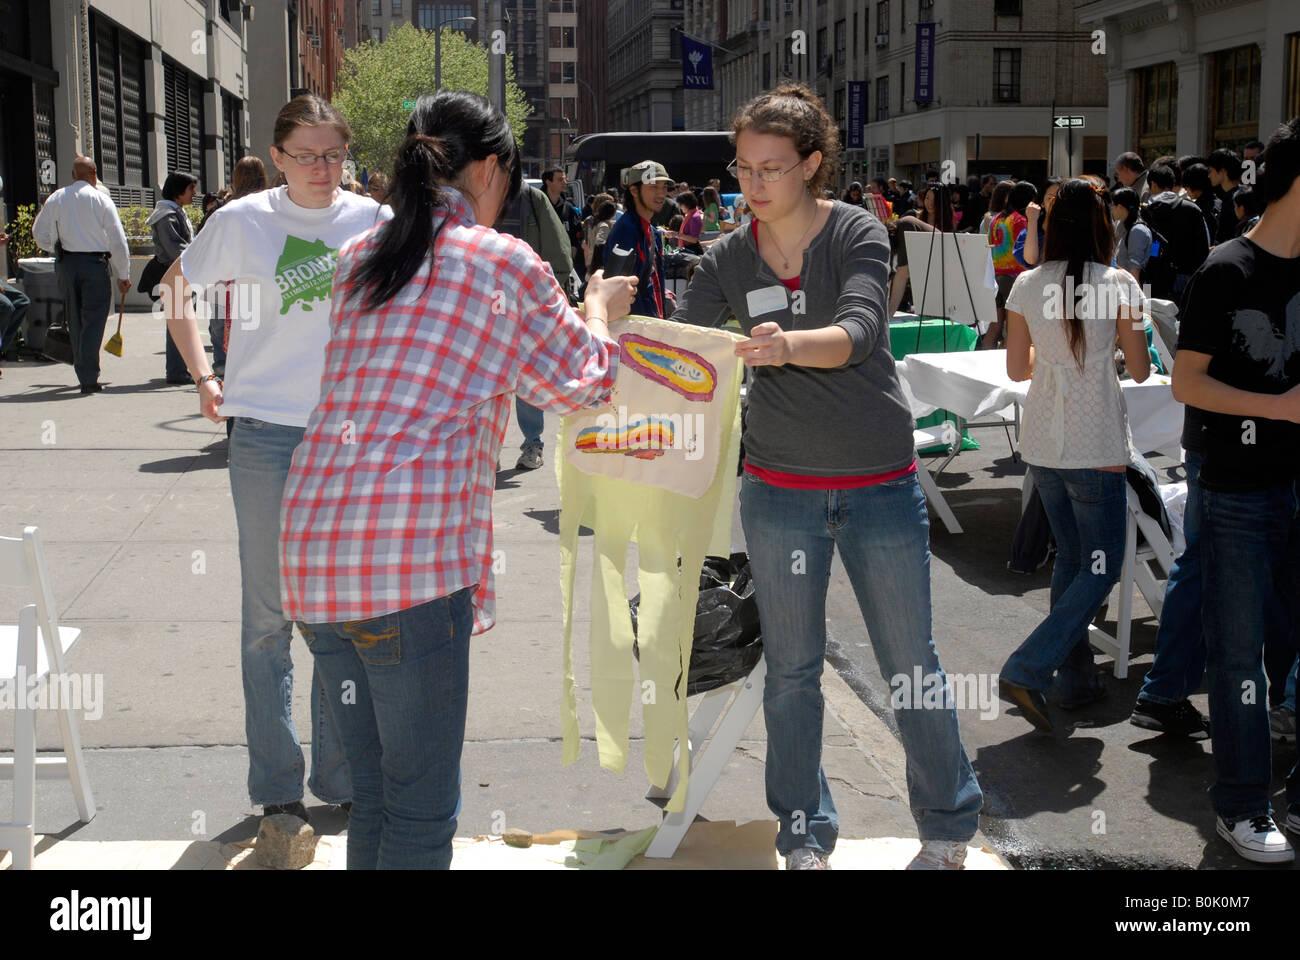 Réduisez votre empreinte carbone Faites défiler jusqu'à la parade du Jour de la terre de la NYU Photo Stock